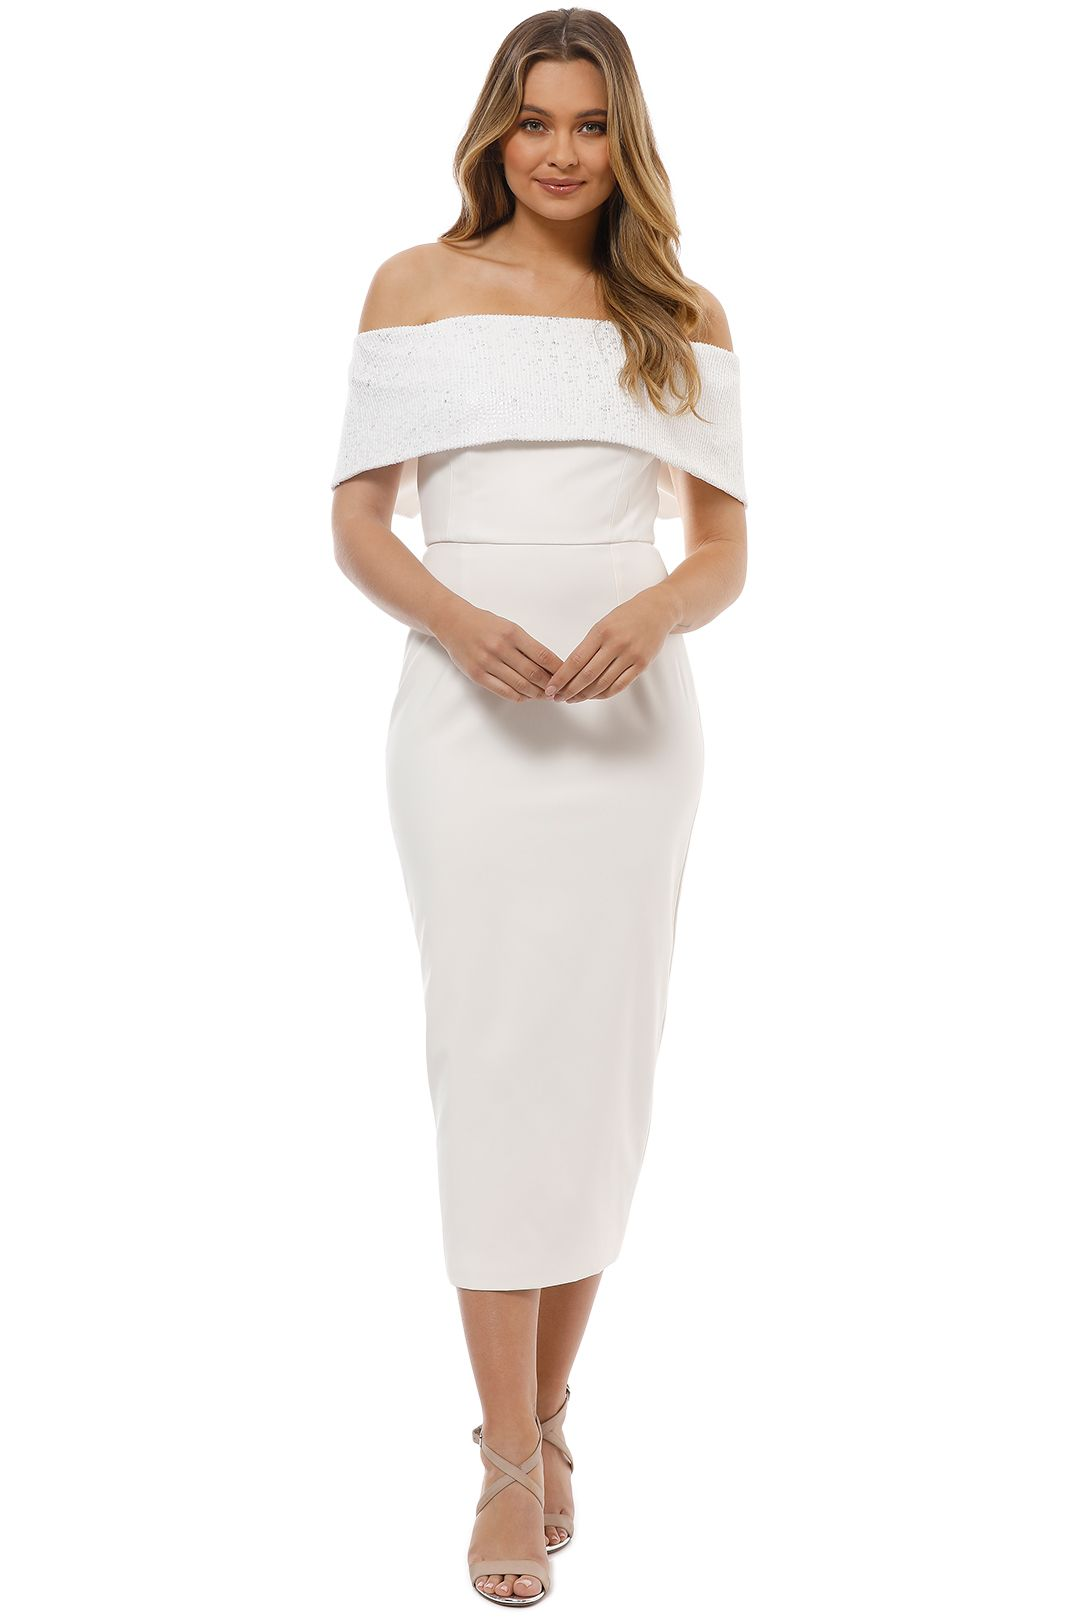 Unspoken - Camille Off Shoulder Dress - Ivory - Front